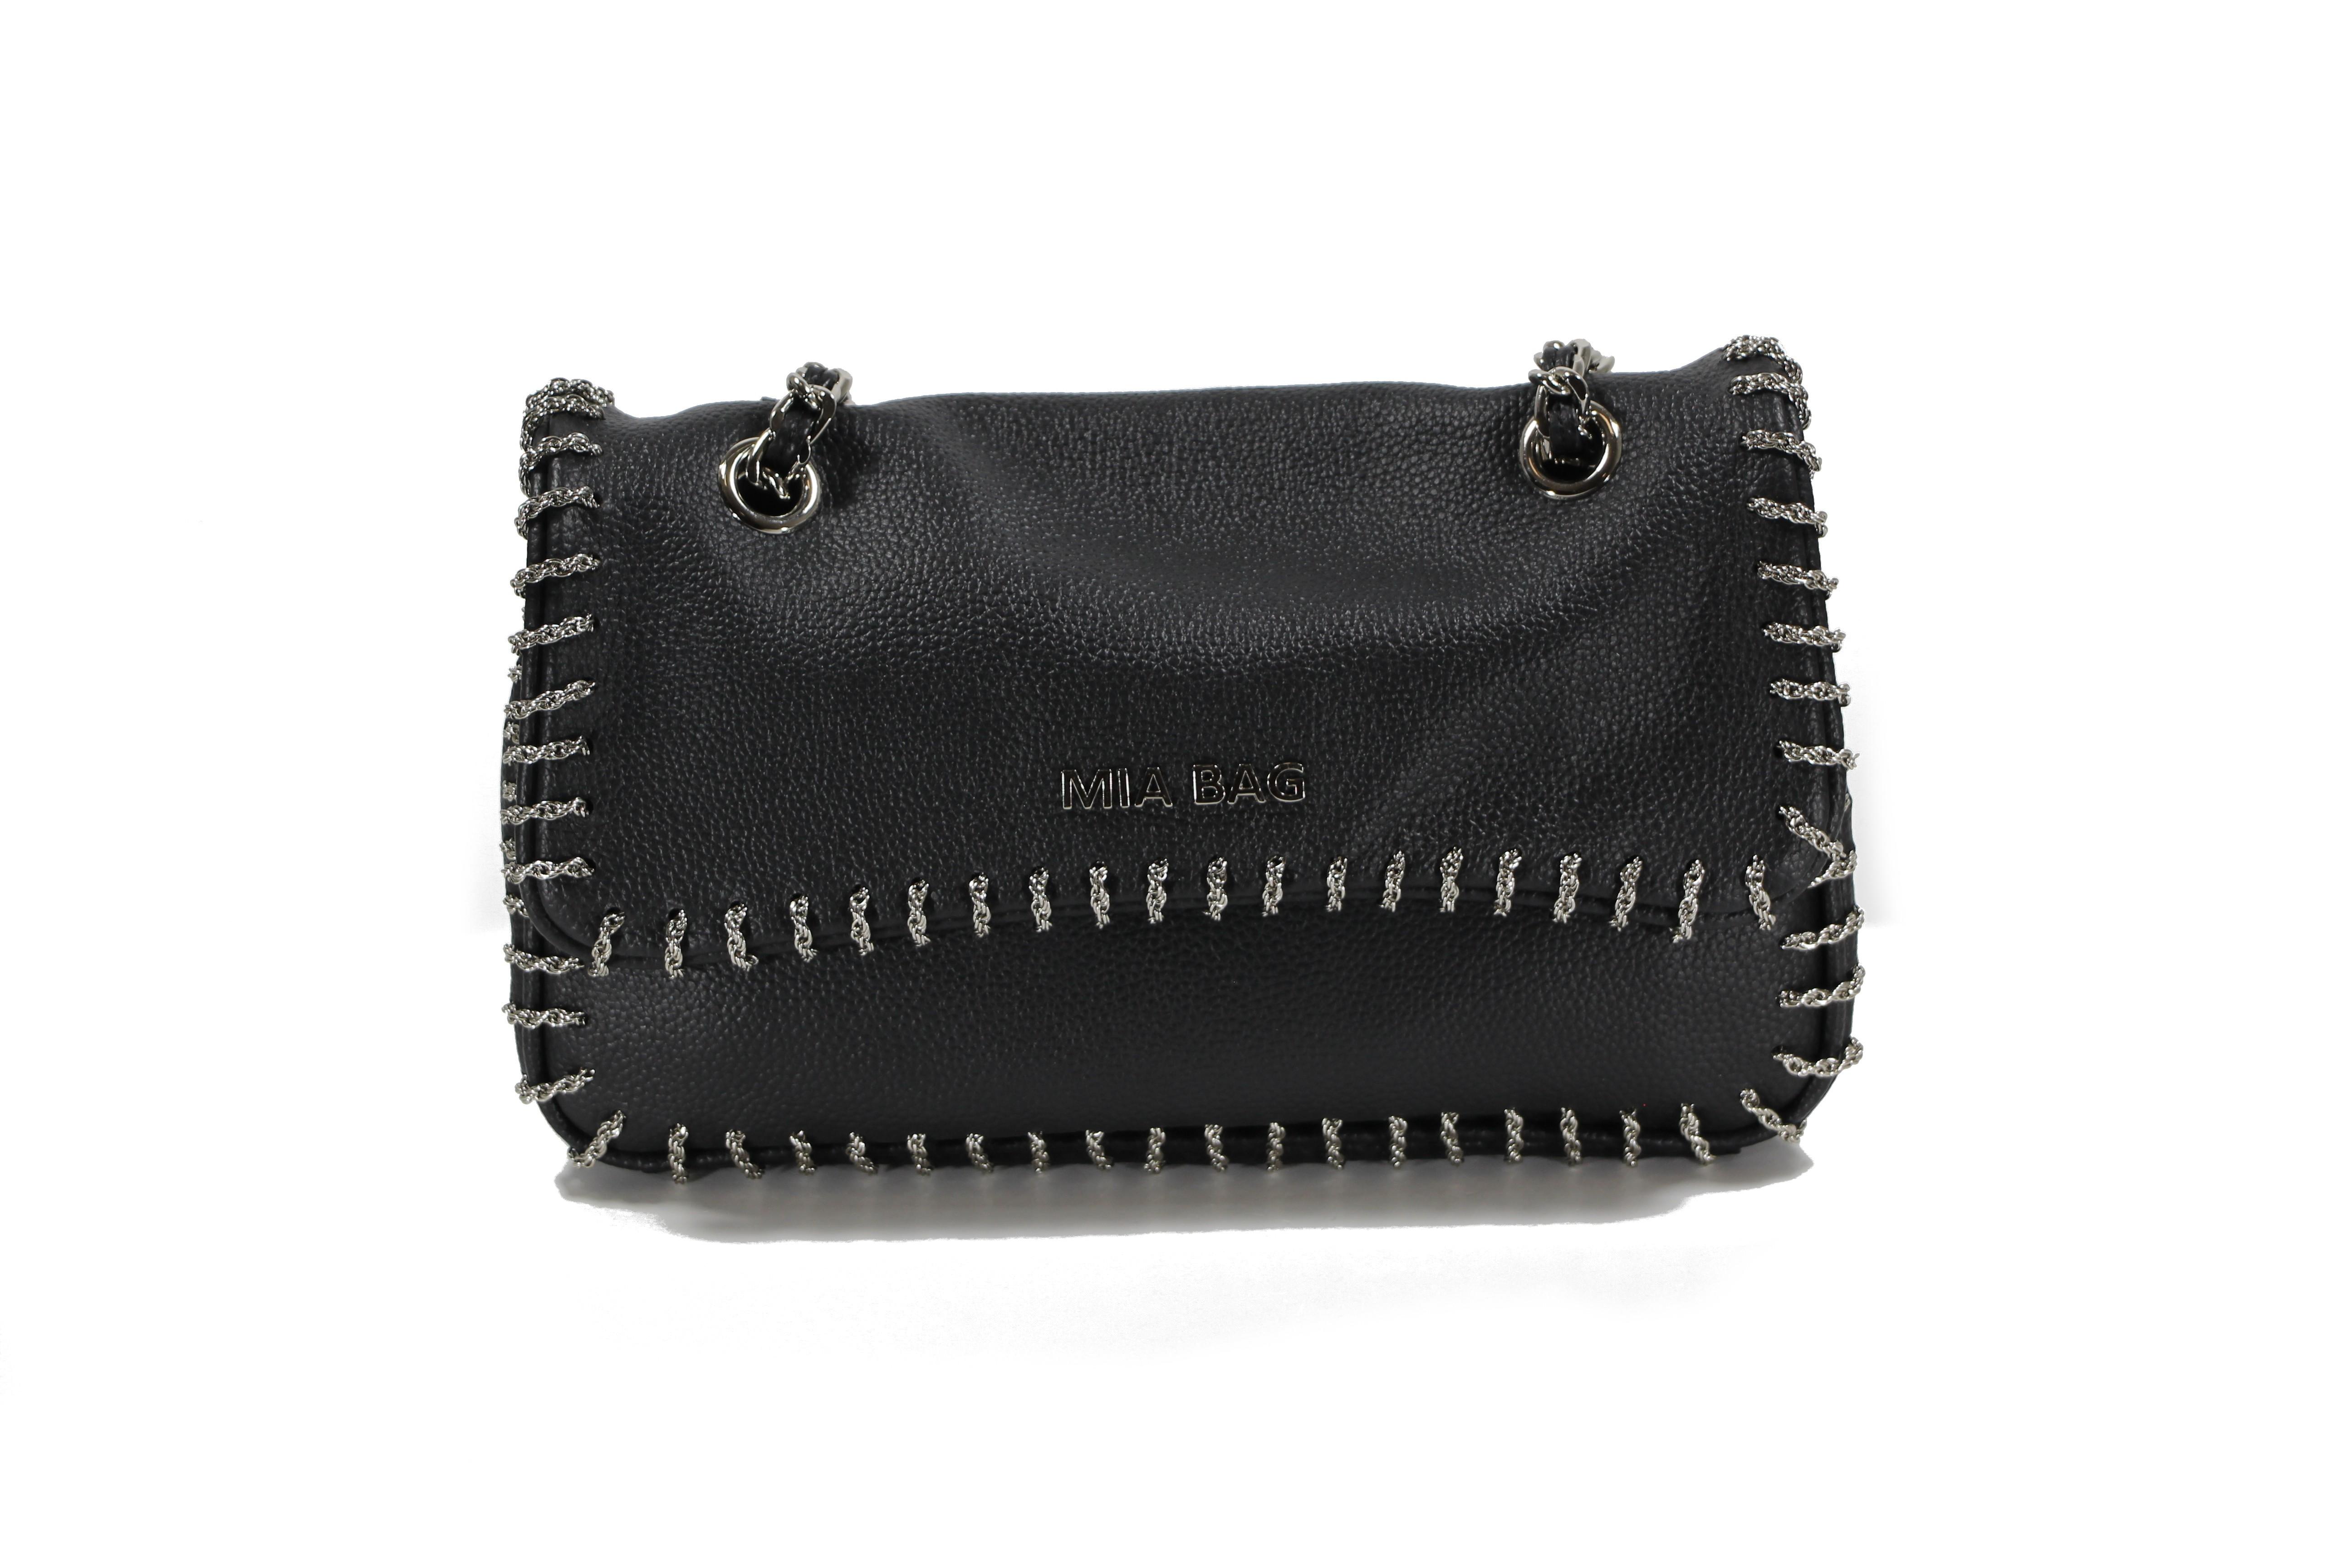 9383d55f2e MIA BAG tracolla media leather con intreccio catena nero - Opera Italiana  Jewellery